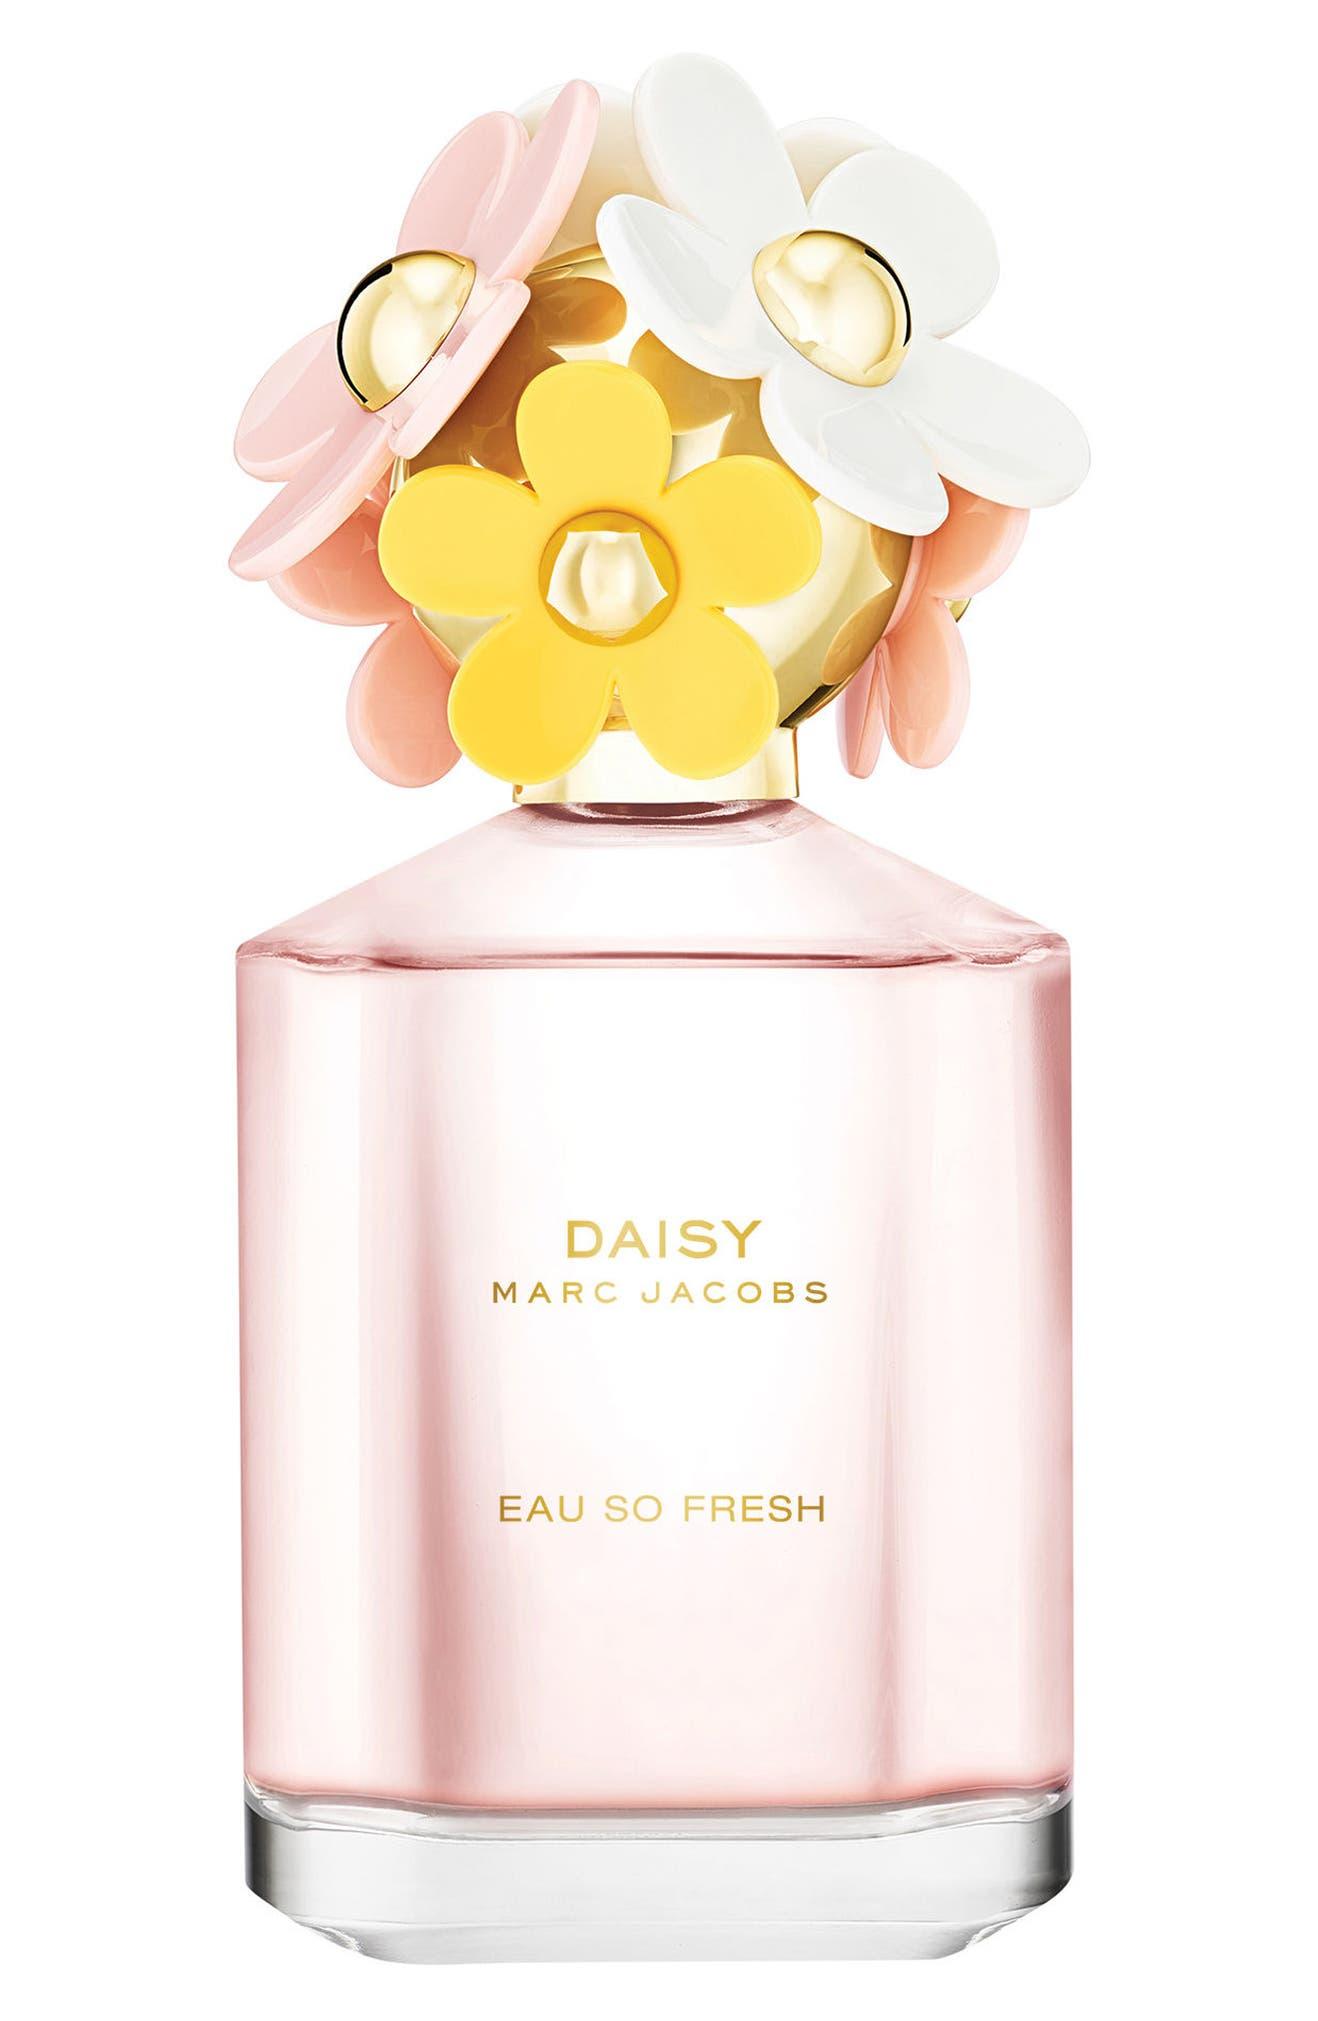 Marc Jacobs Daisy Eau So Fresh Eau De Toilette Nordstrom